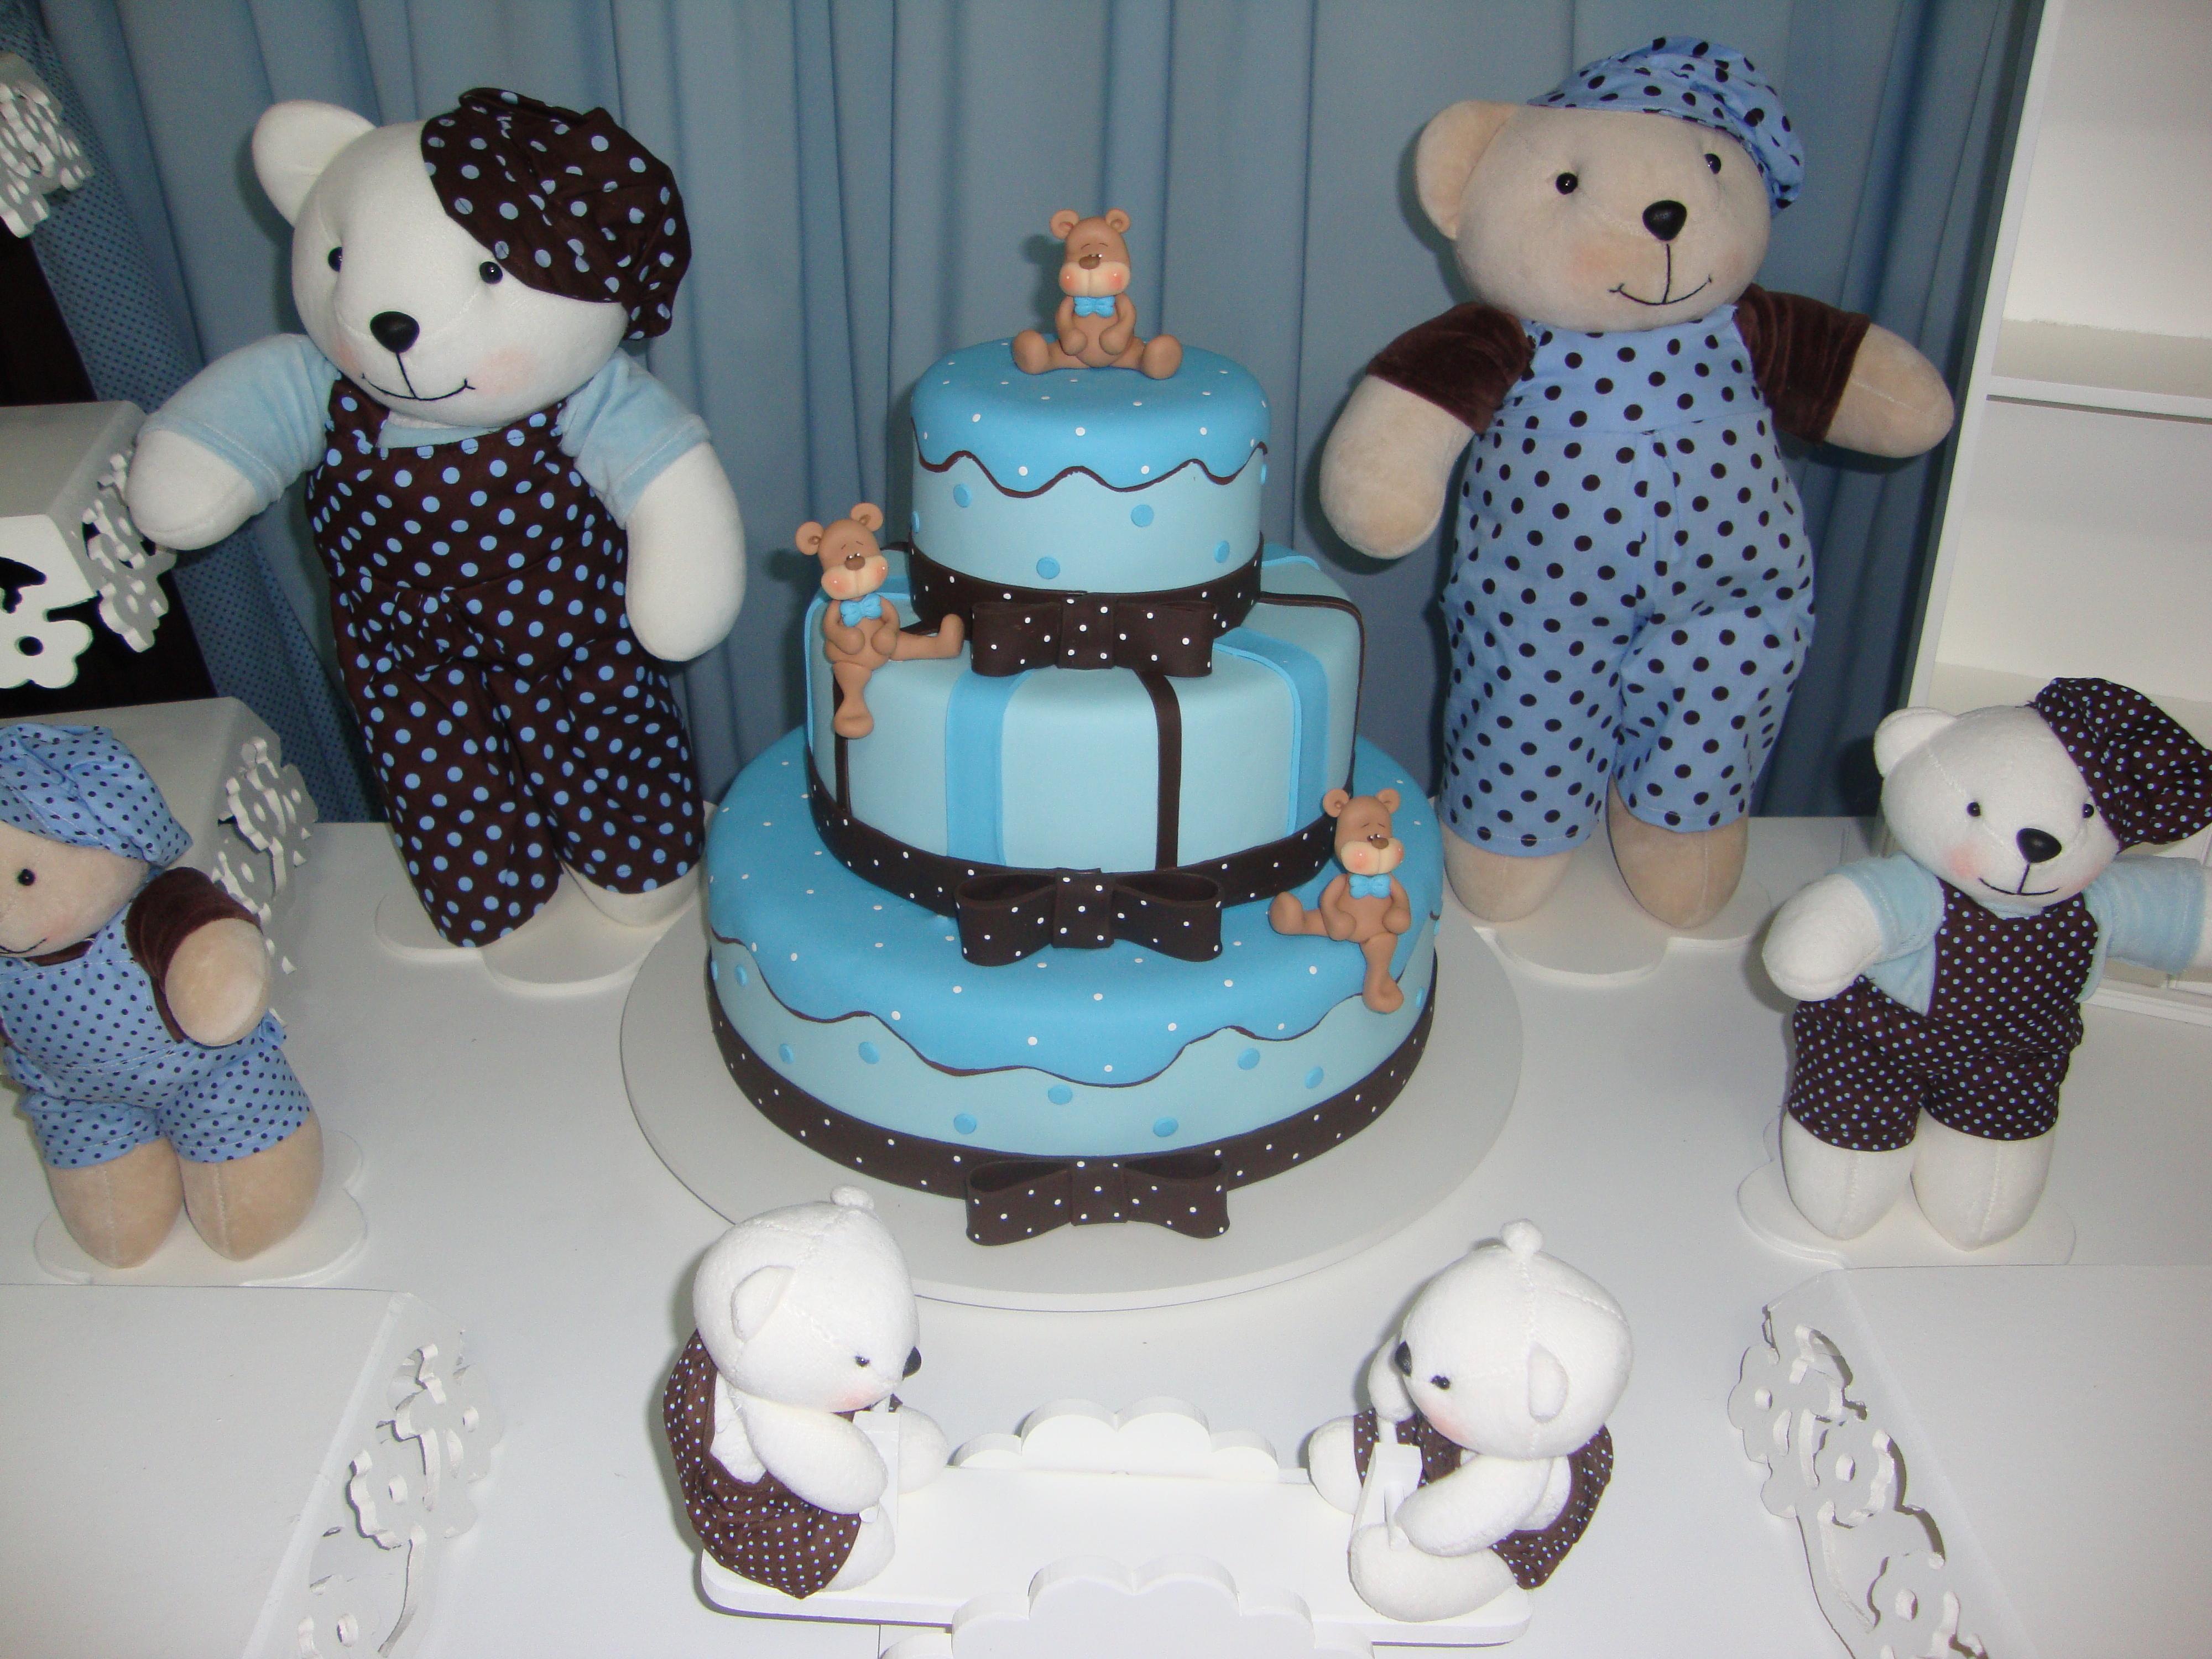 decoracao festa urso azul e marrom : decoracao festa urso azul e marrom: Clean Urso Marrom e Azul